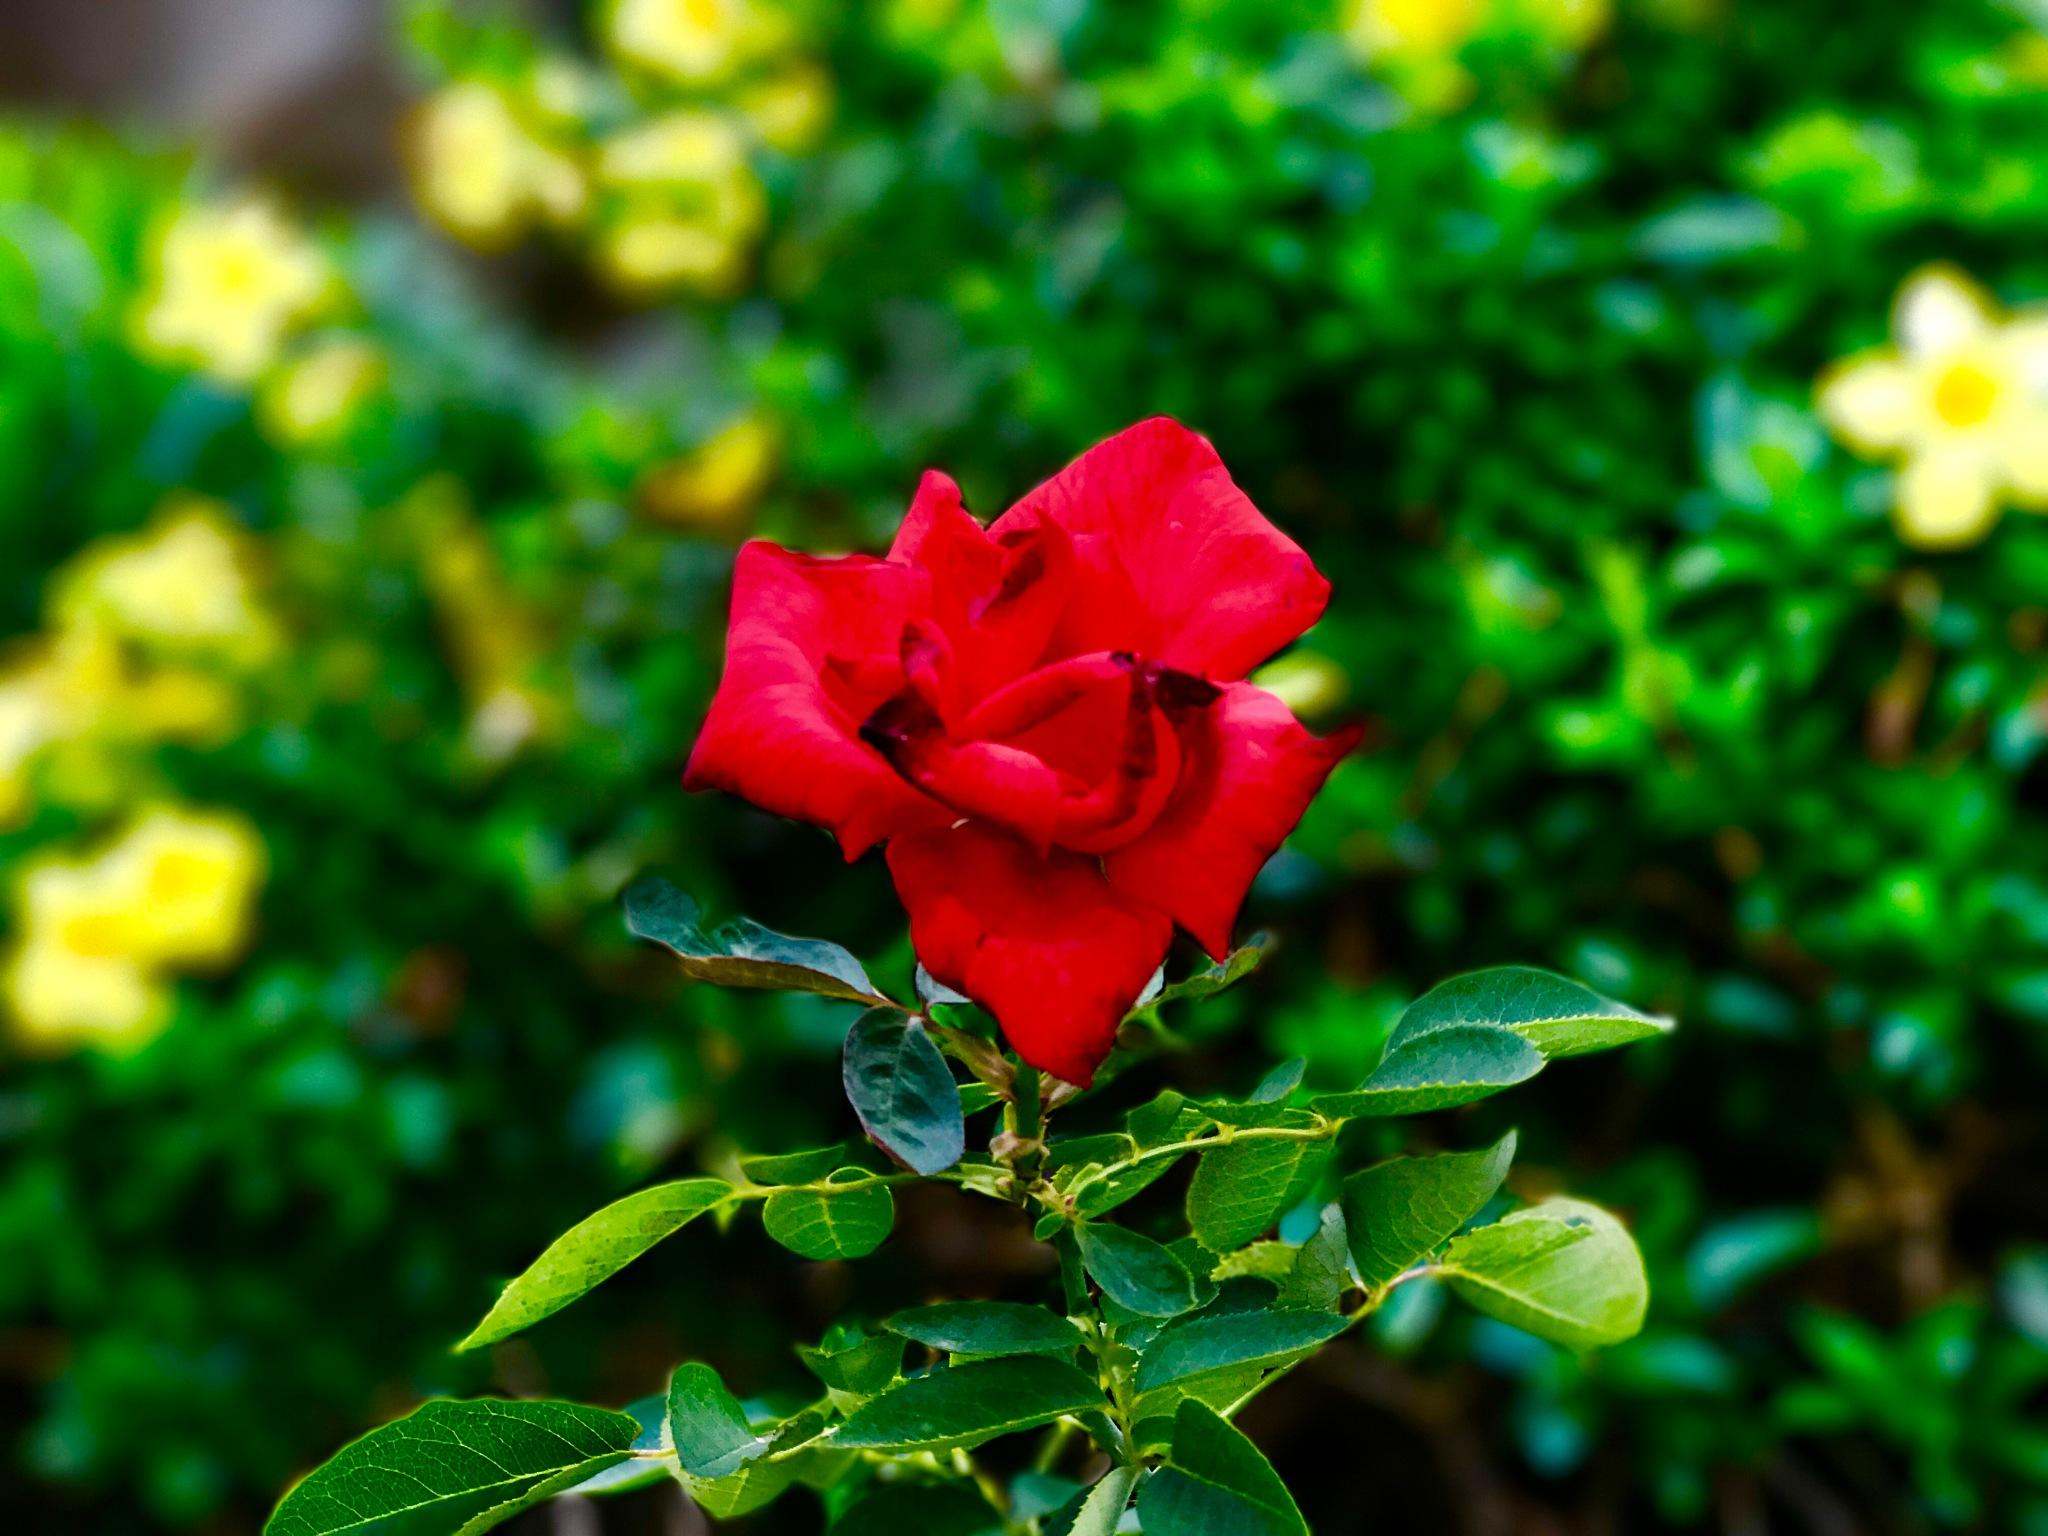 Flower by Emmanuel Modeste